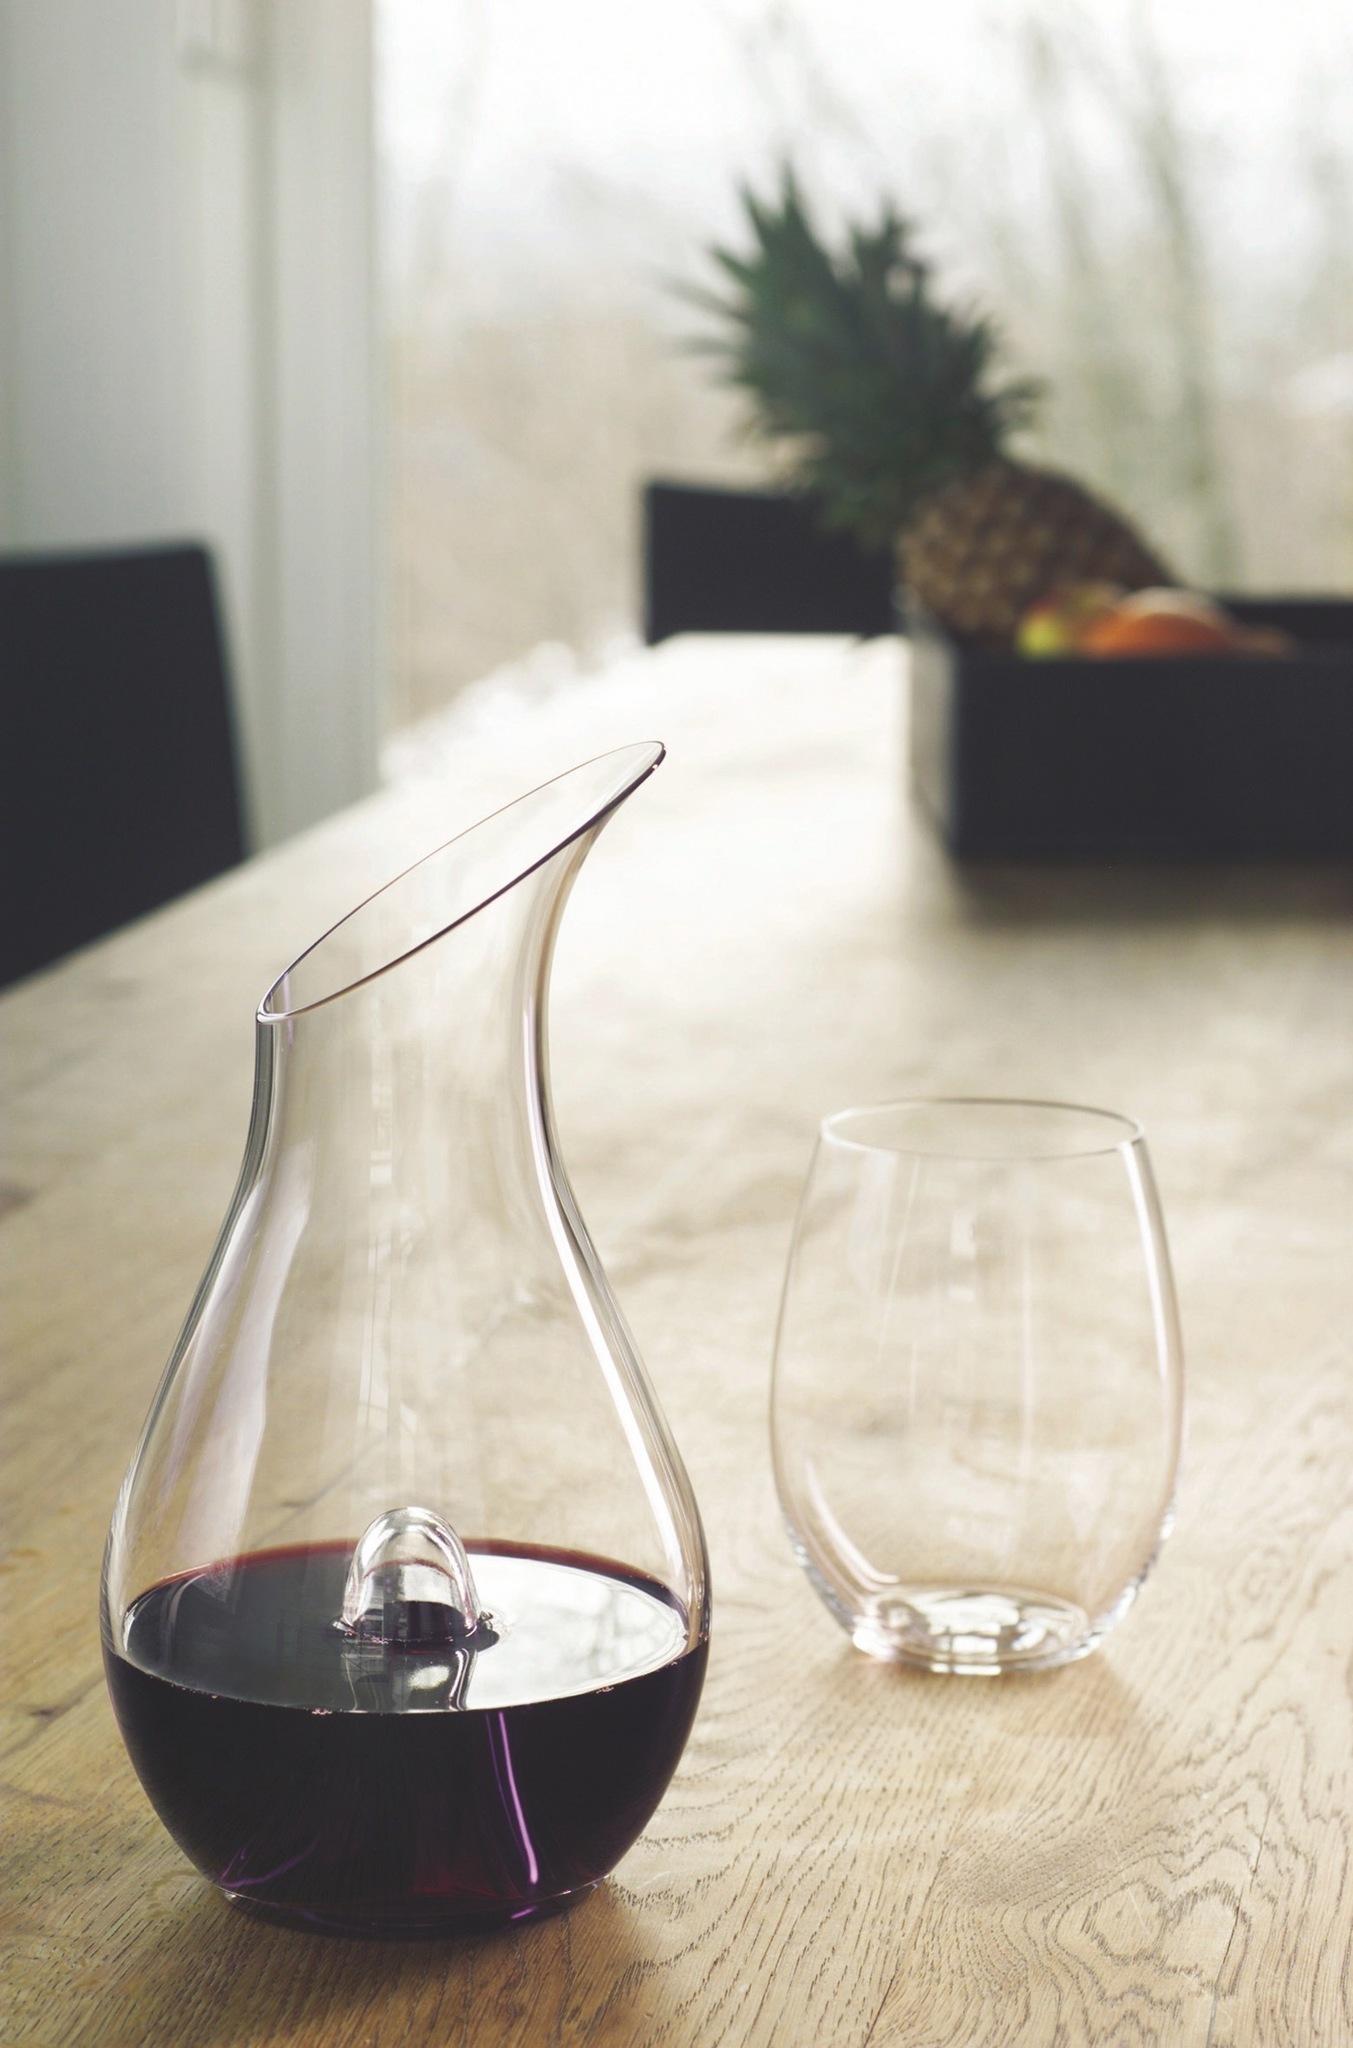 Нюансы выбора и использования декантера для вина, лучшие производители